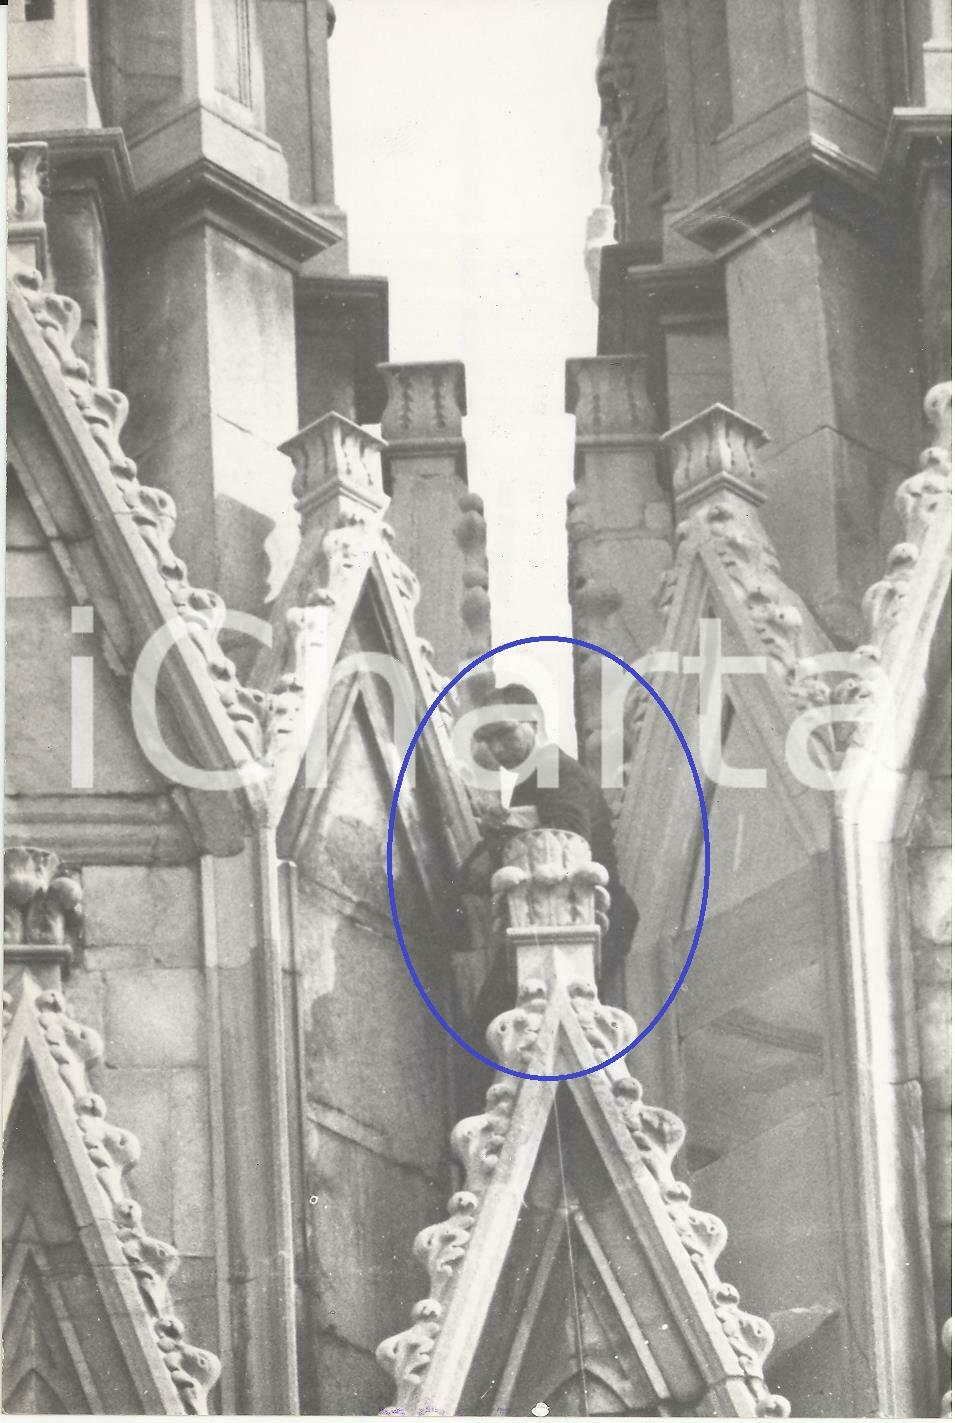 """Cattedrale del Duomo di Milano, 1959. Aspirante suicida in stallo sopra una guglia. Alla fine si """"arrese"""" senza akcun tragico evento..."""